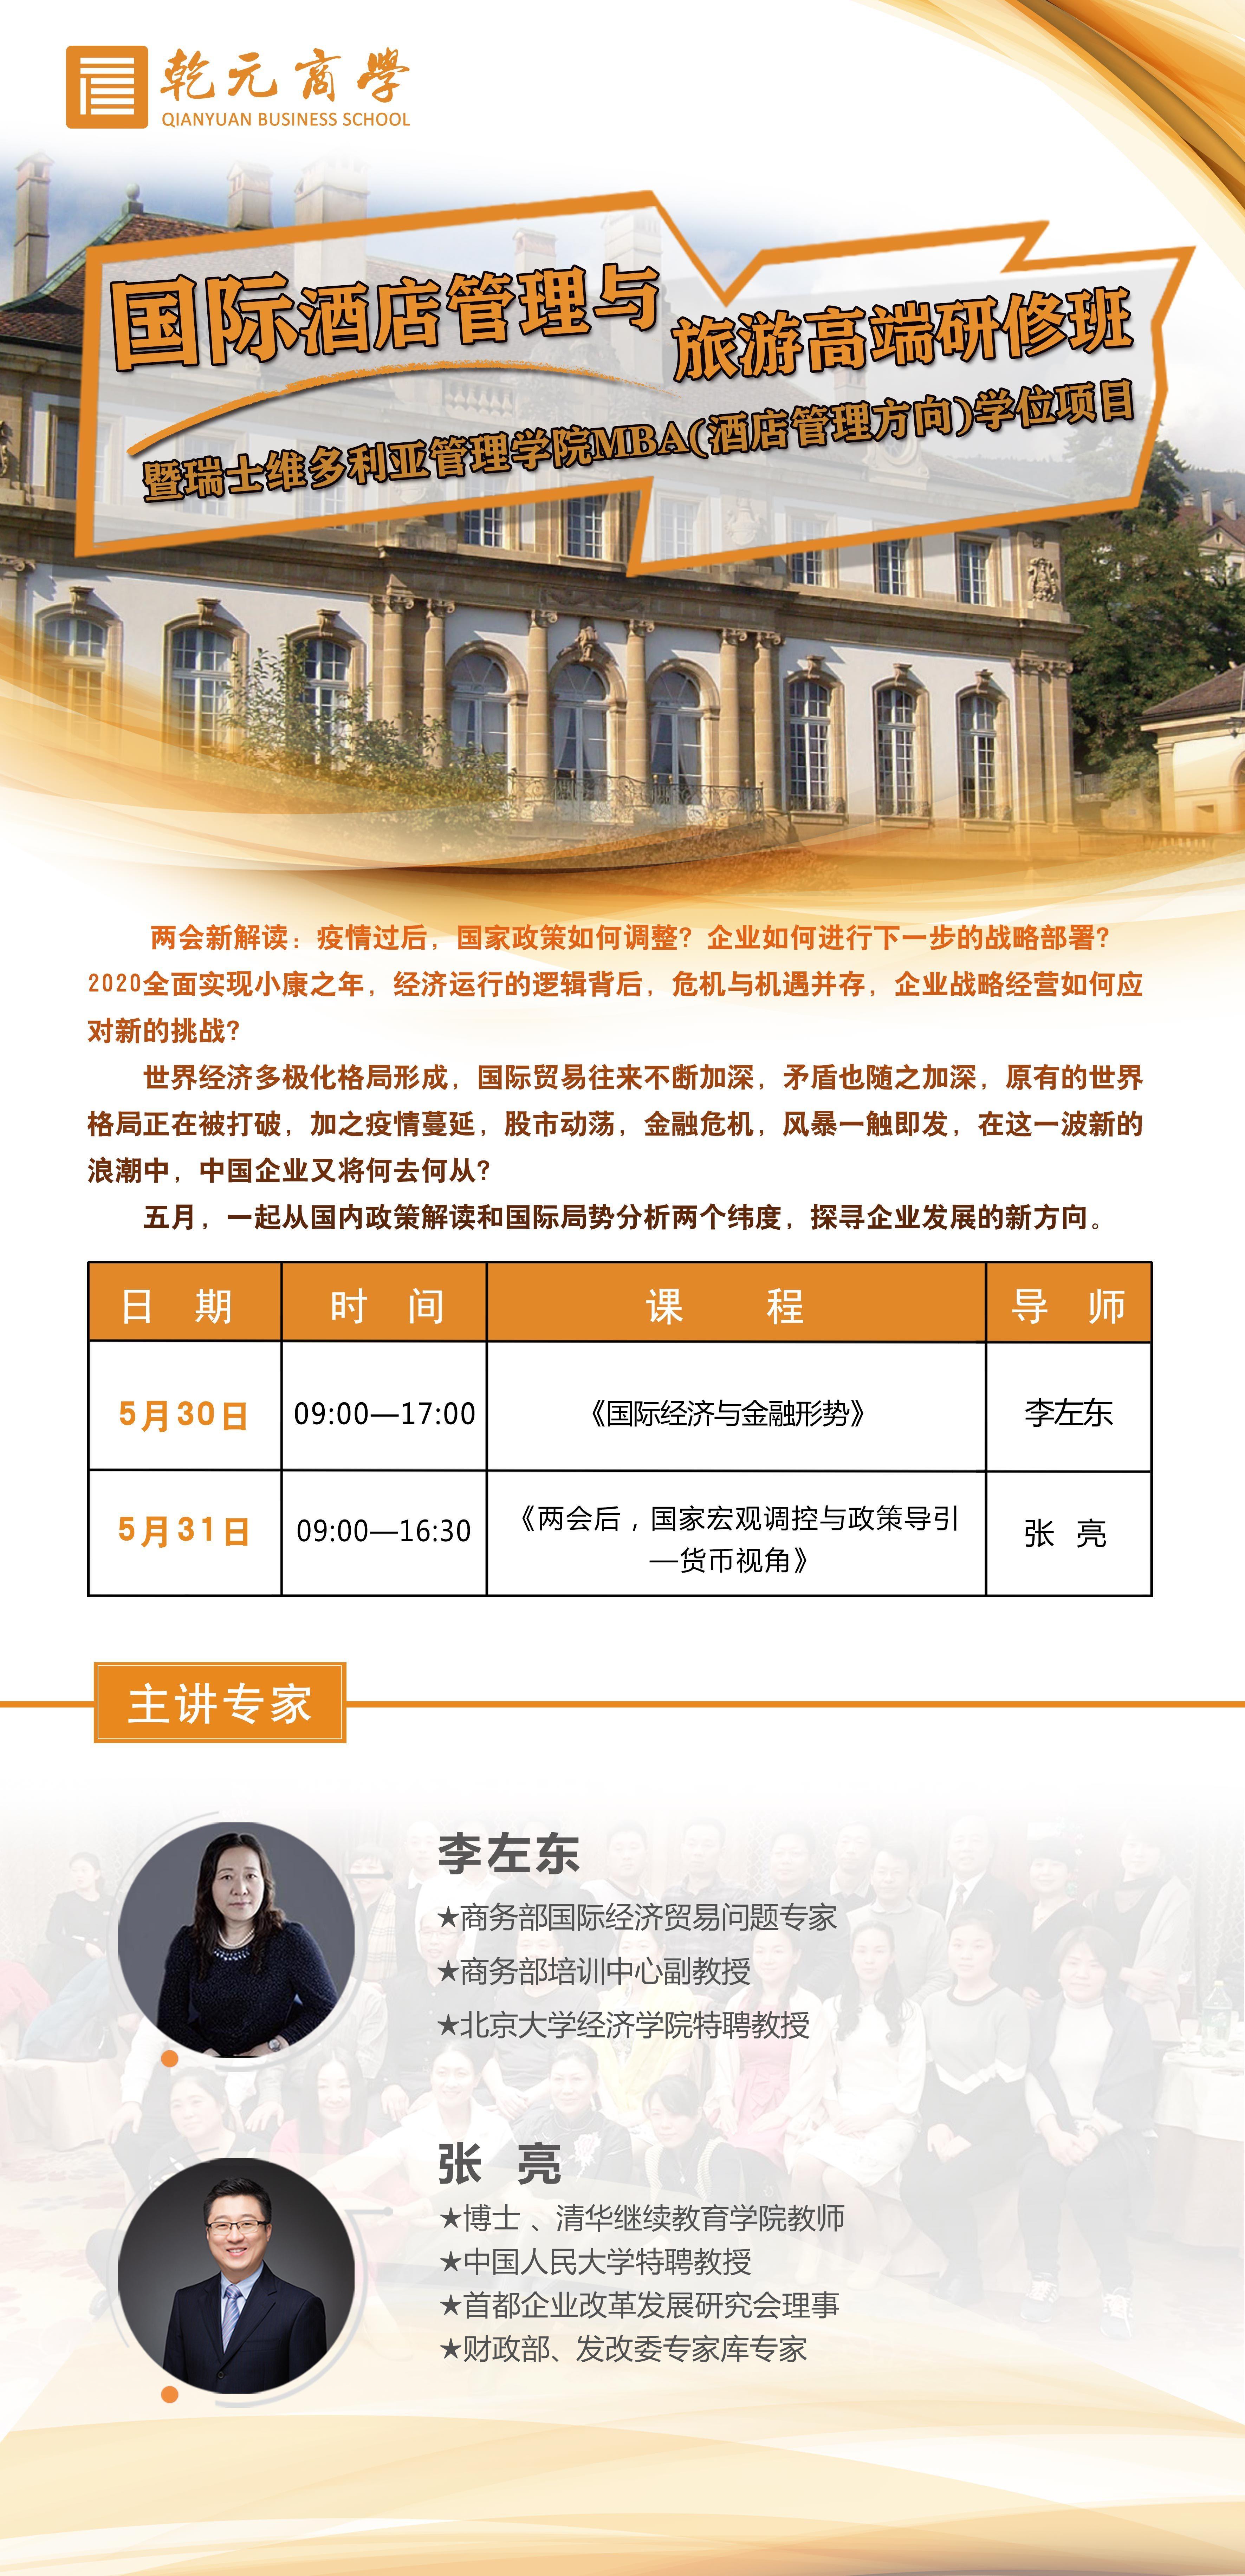 国际酒店管理与旅游高端研修班5月开课通知